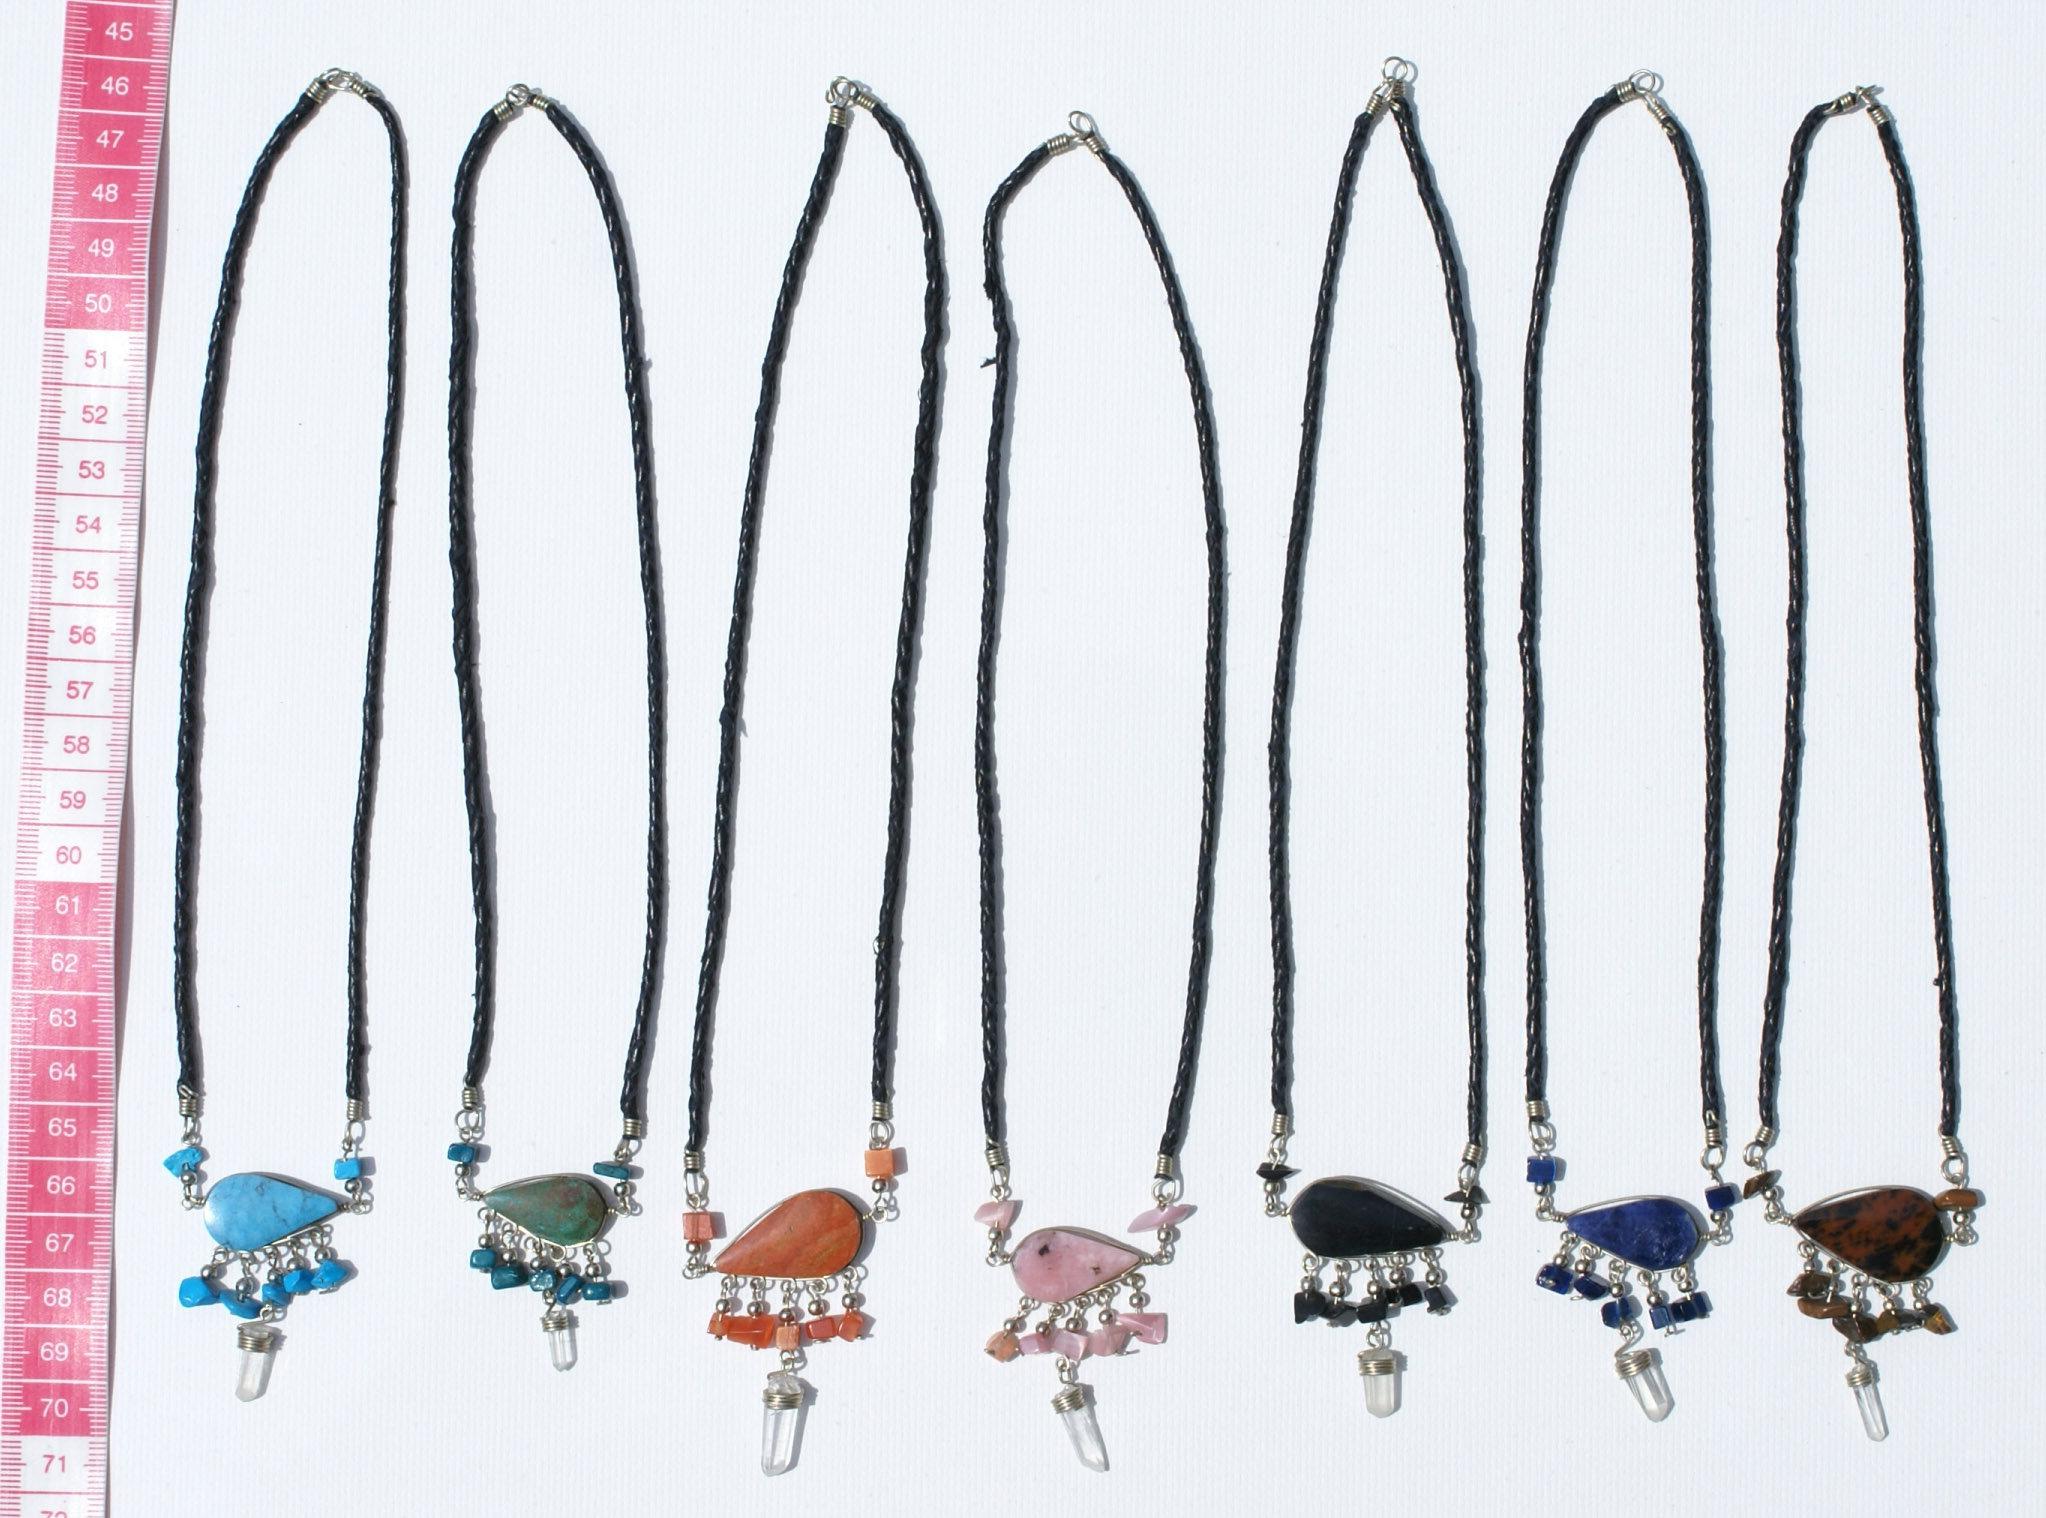 c8057c851 Lot 5 náhrdelníky barva peruánské piedra kameny, bílé cristal hip hop šperky